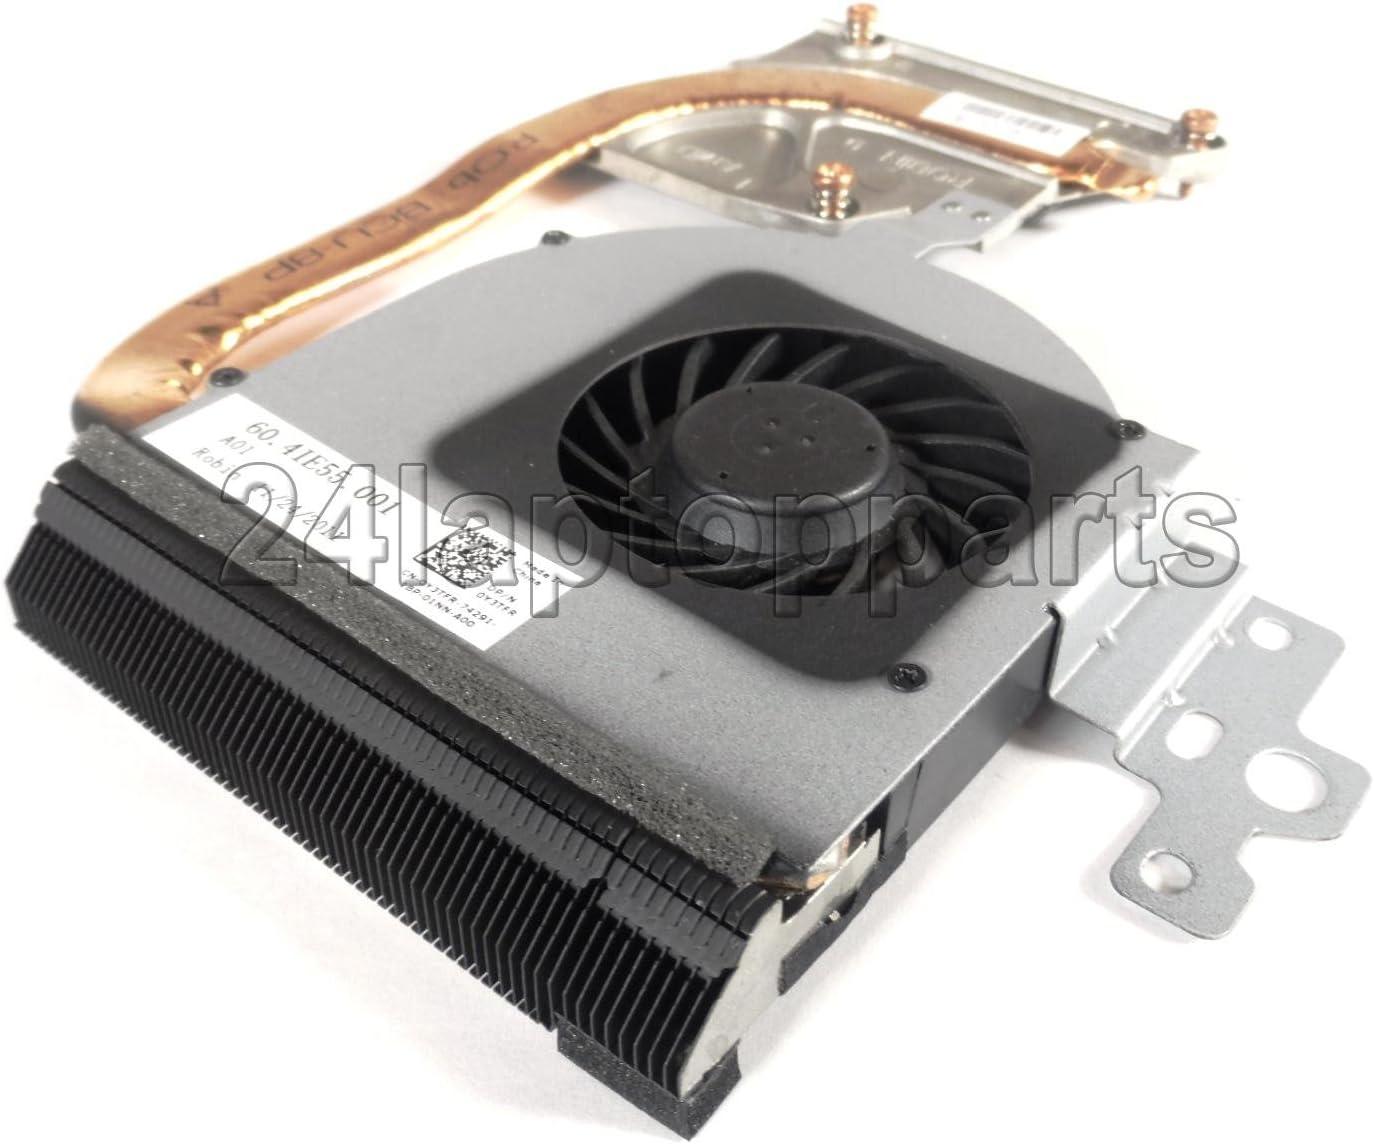 Dell Laptop Y3TFR AMD Heatsink and Fan 60.4IE56.001 Inspiron M5110